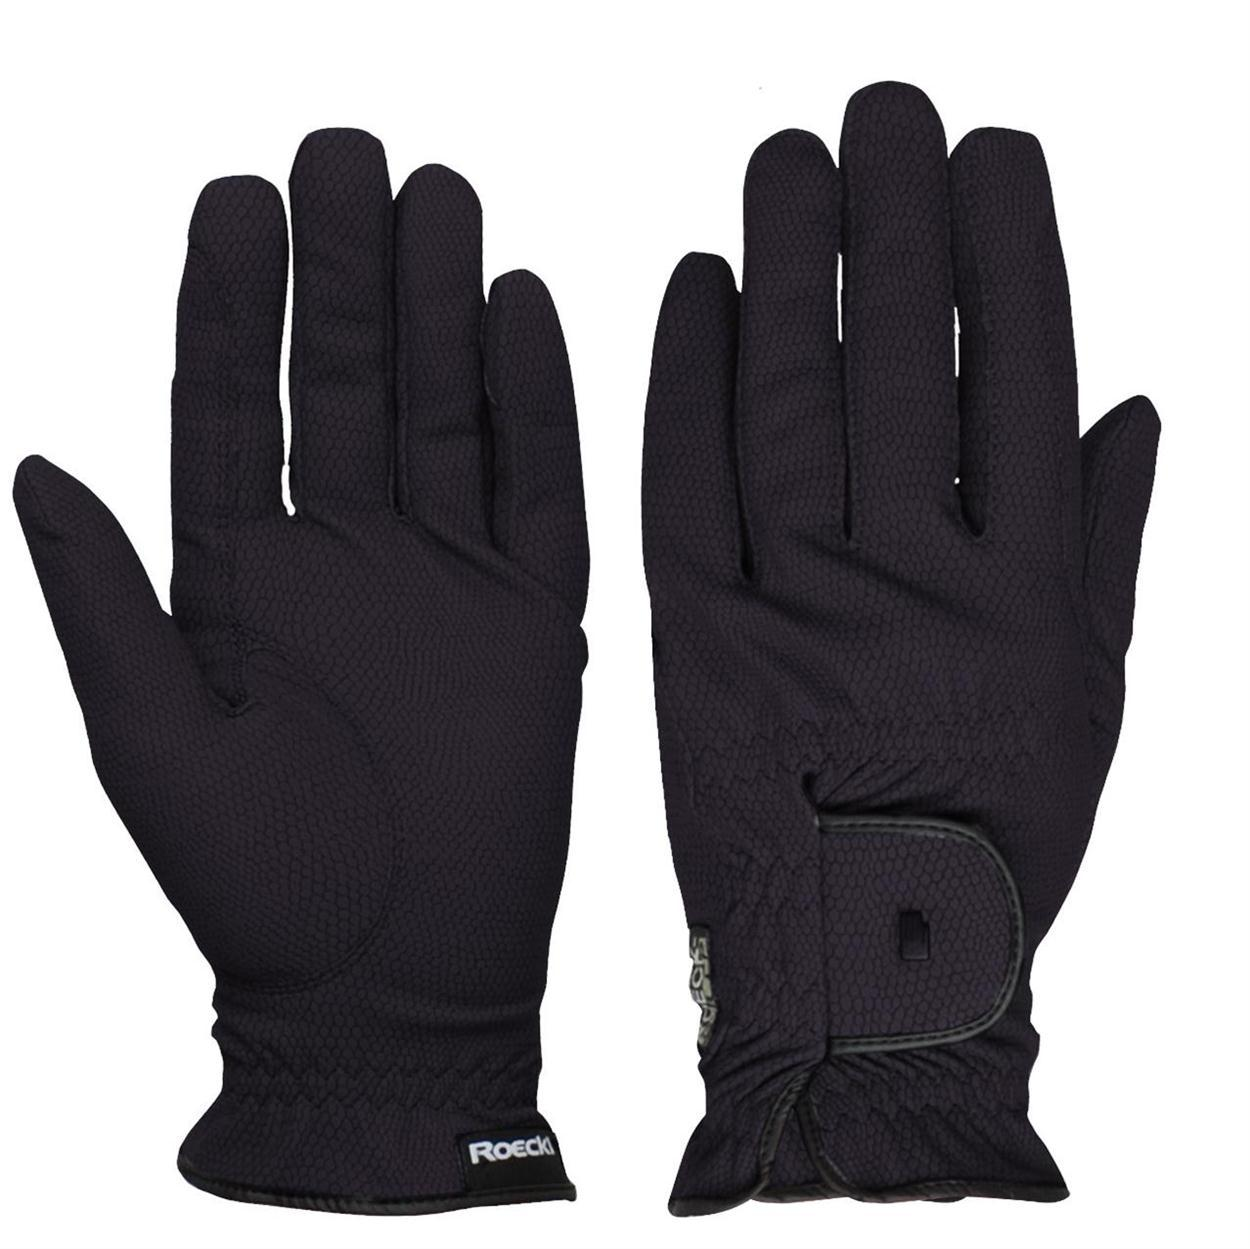 Roeckl Roeck grip Handschoen zwart maat:7